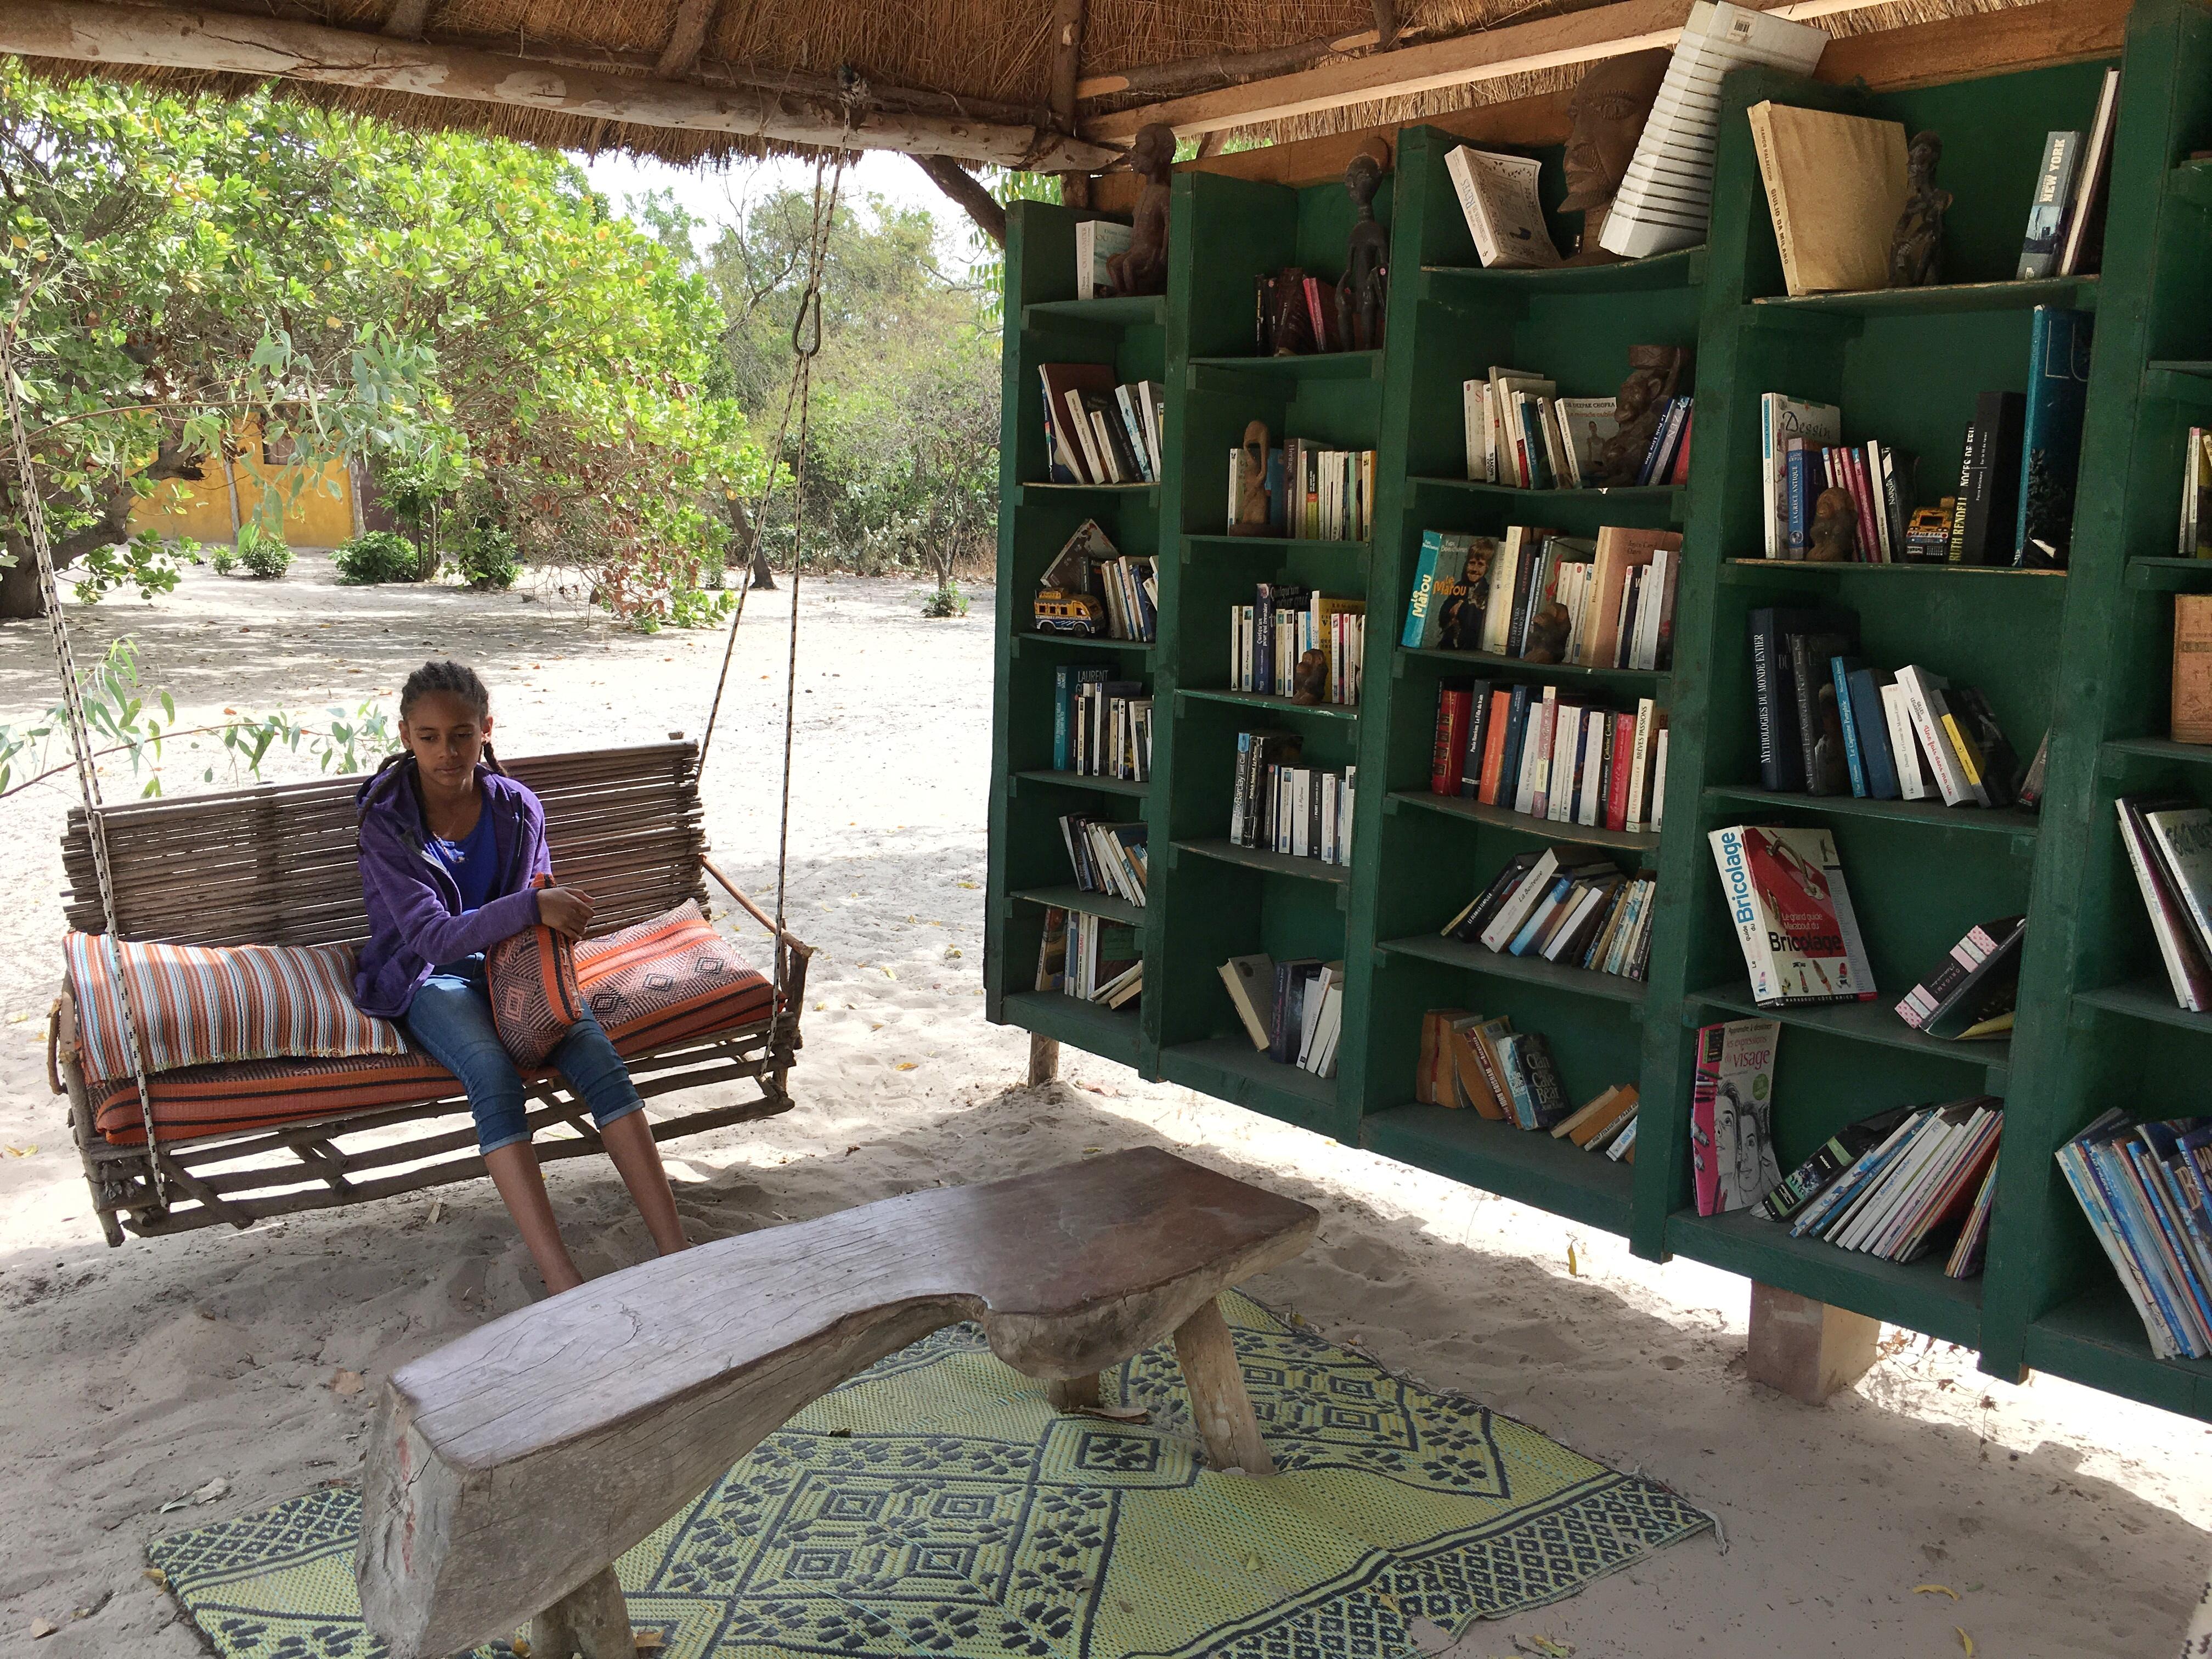 La bibliothèque en plein air, vraiment sympathique.  Photo: Marie-Julie Gagnon